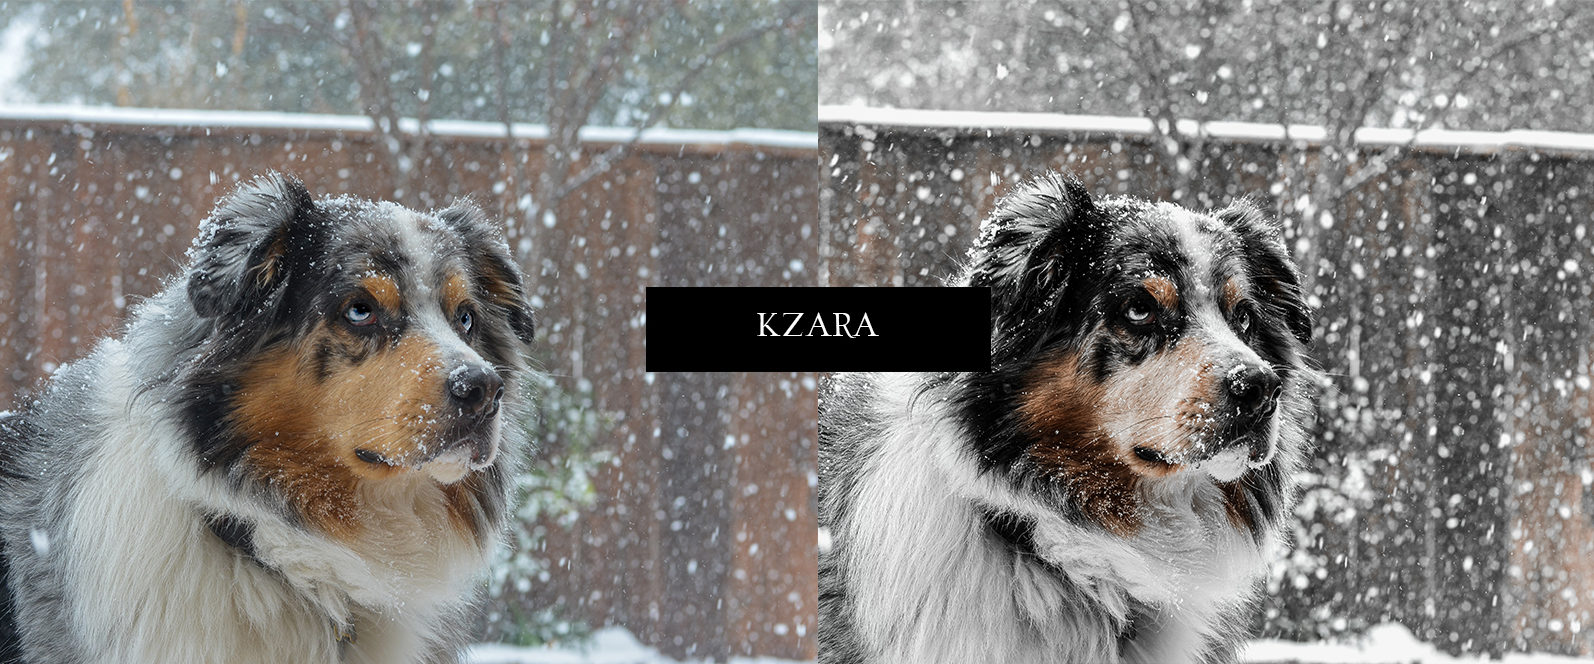 12 x Lightroom Presets, Winter Magic Presets, Outdoor Presets, Gray Tones Presets, Portrait Presets - Winter Magic Preview 6 -